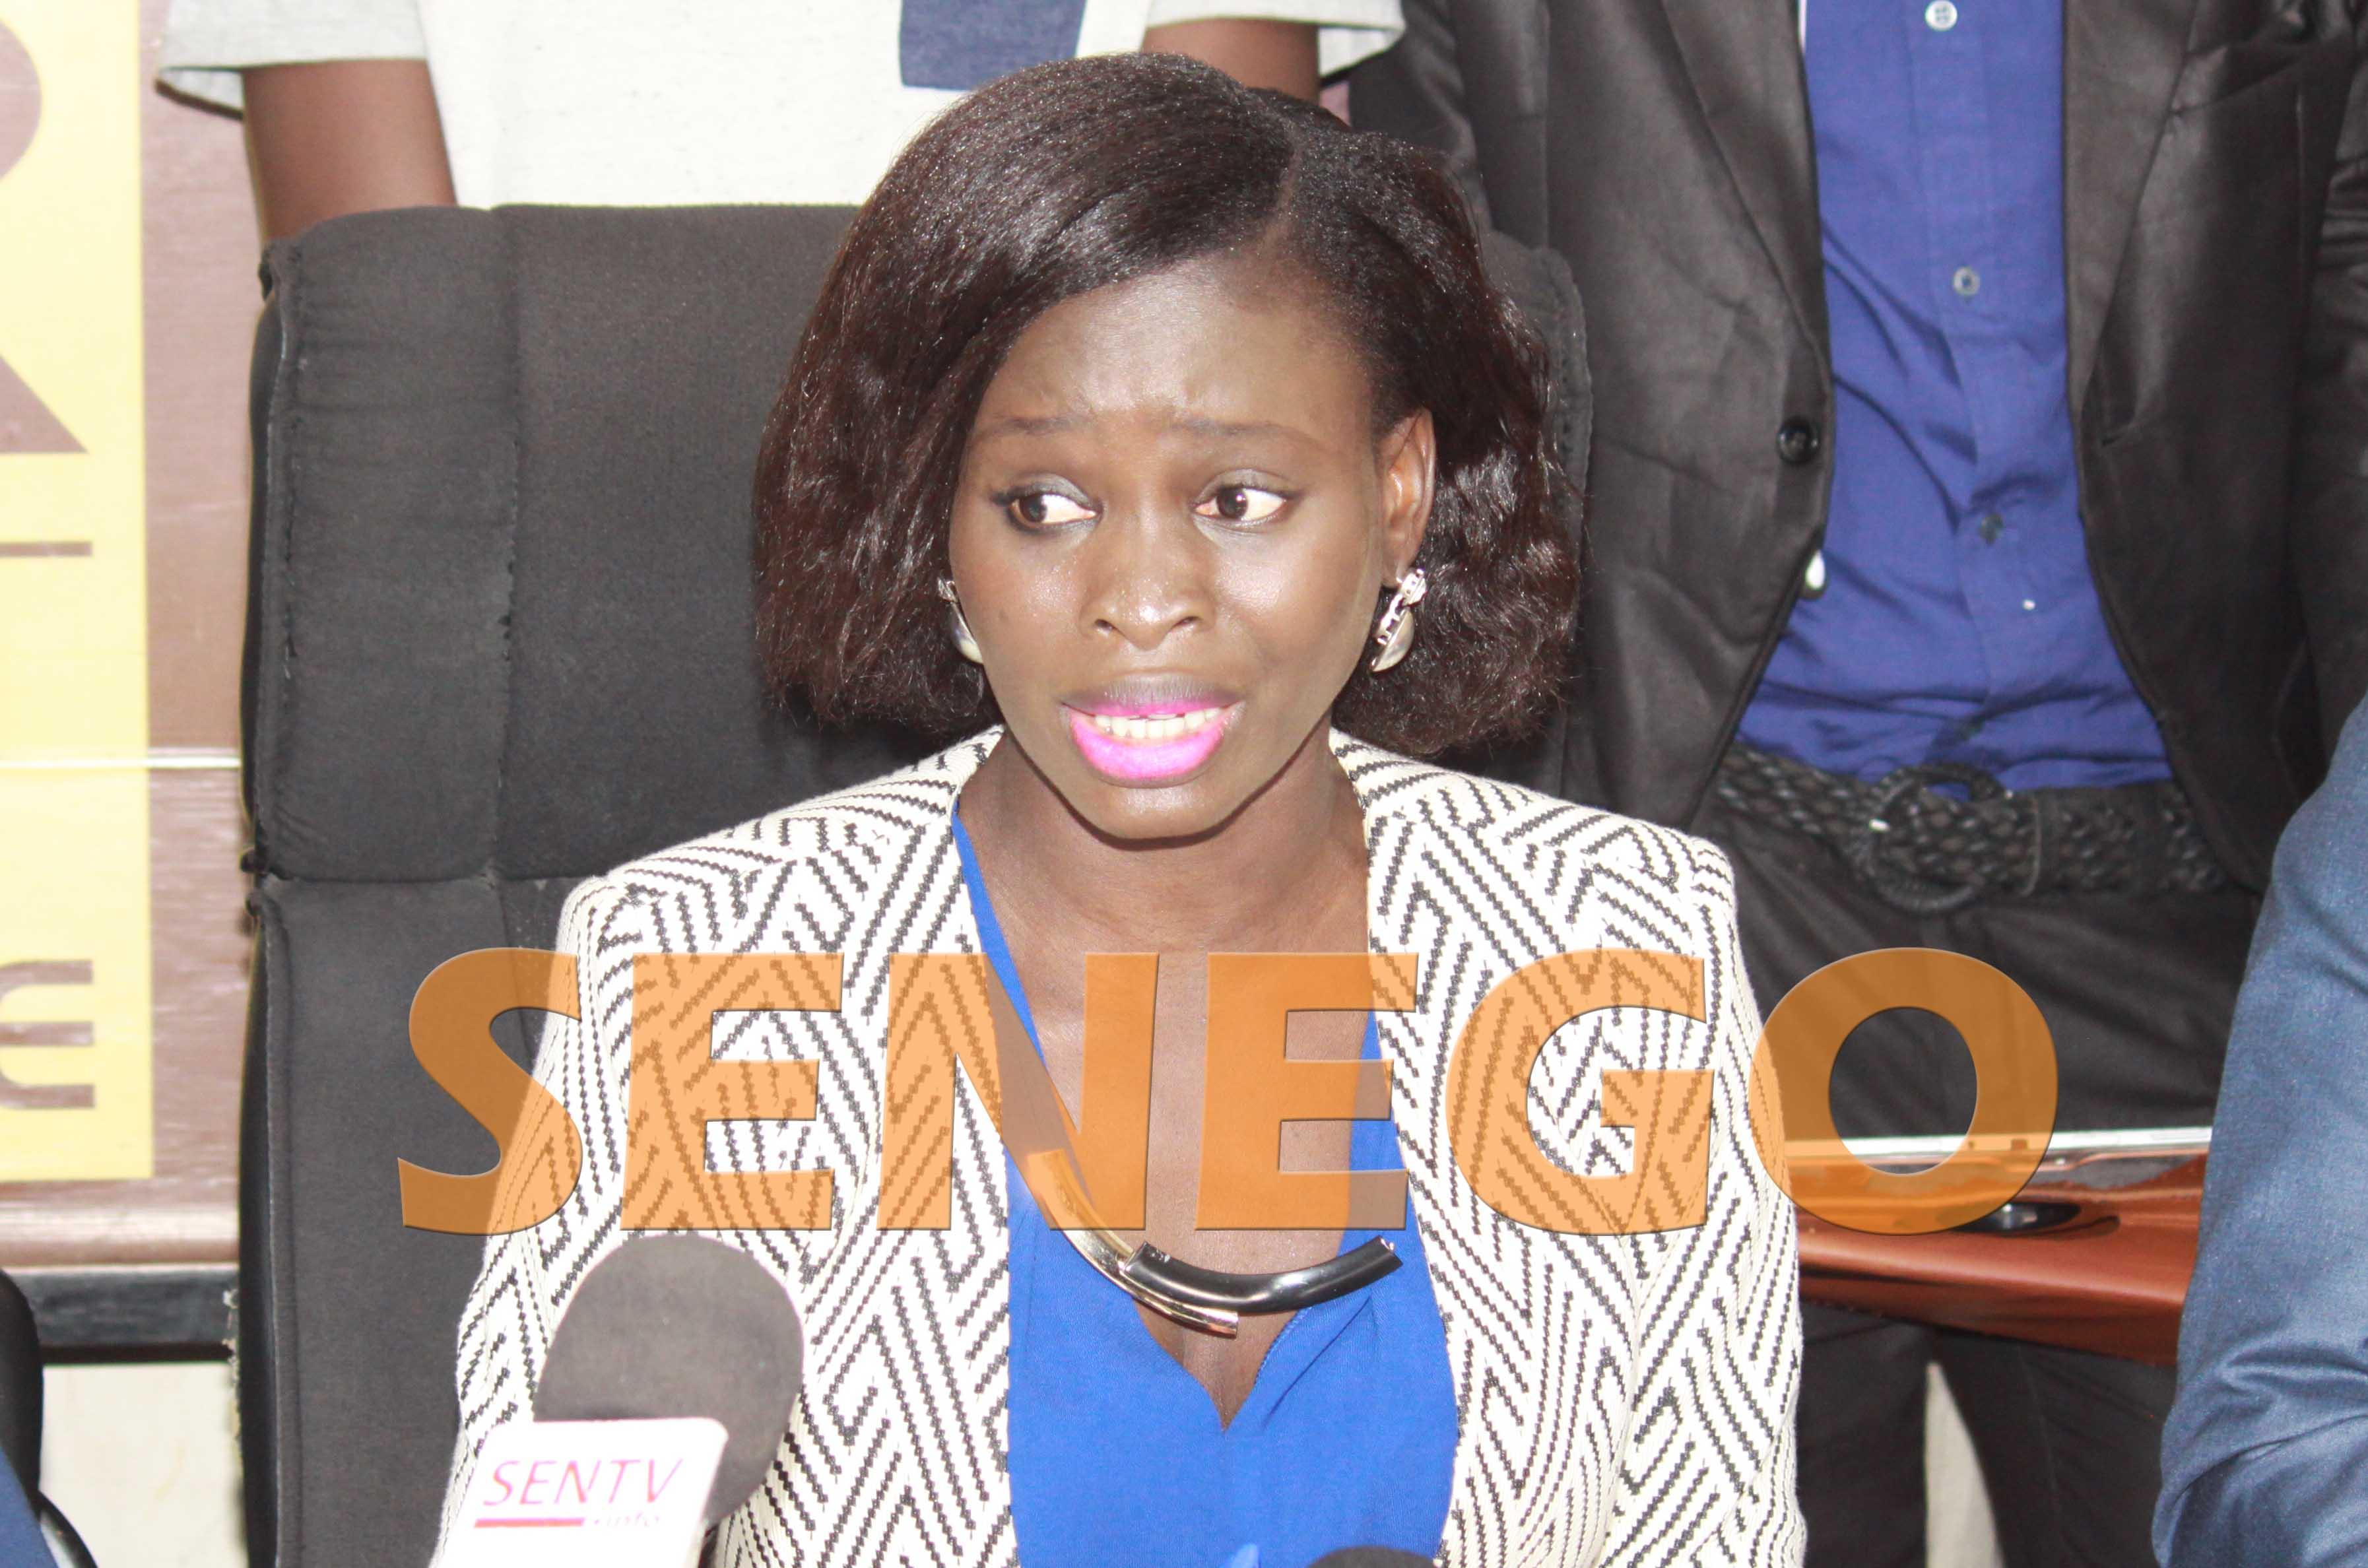 Auteur, Deal pour éliminer Sonko de la présidentielle, dément formellement être..., Therese Faye, Un audio serait attribué